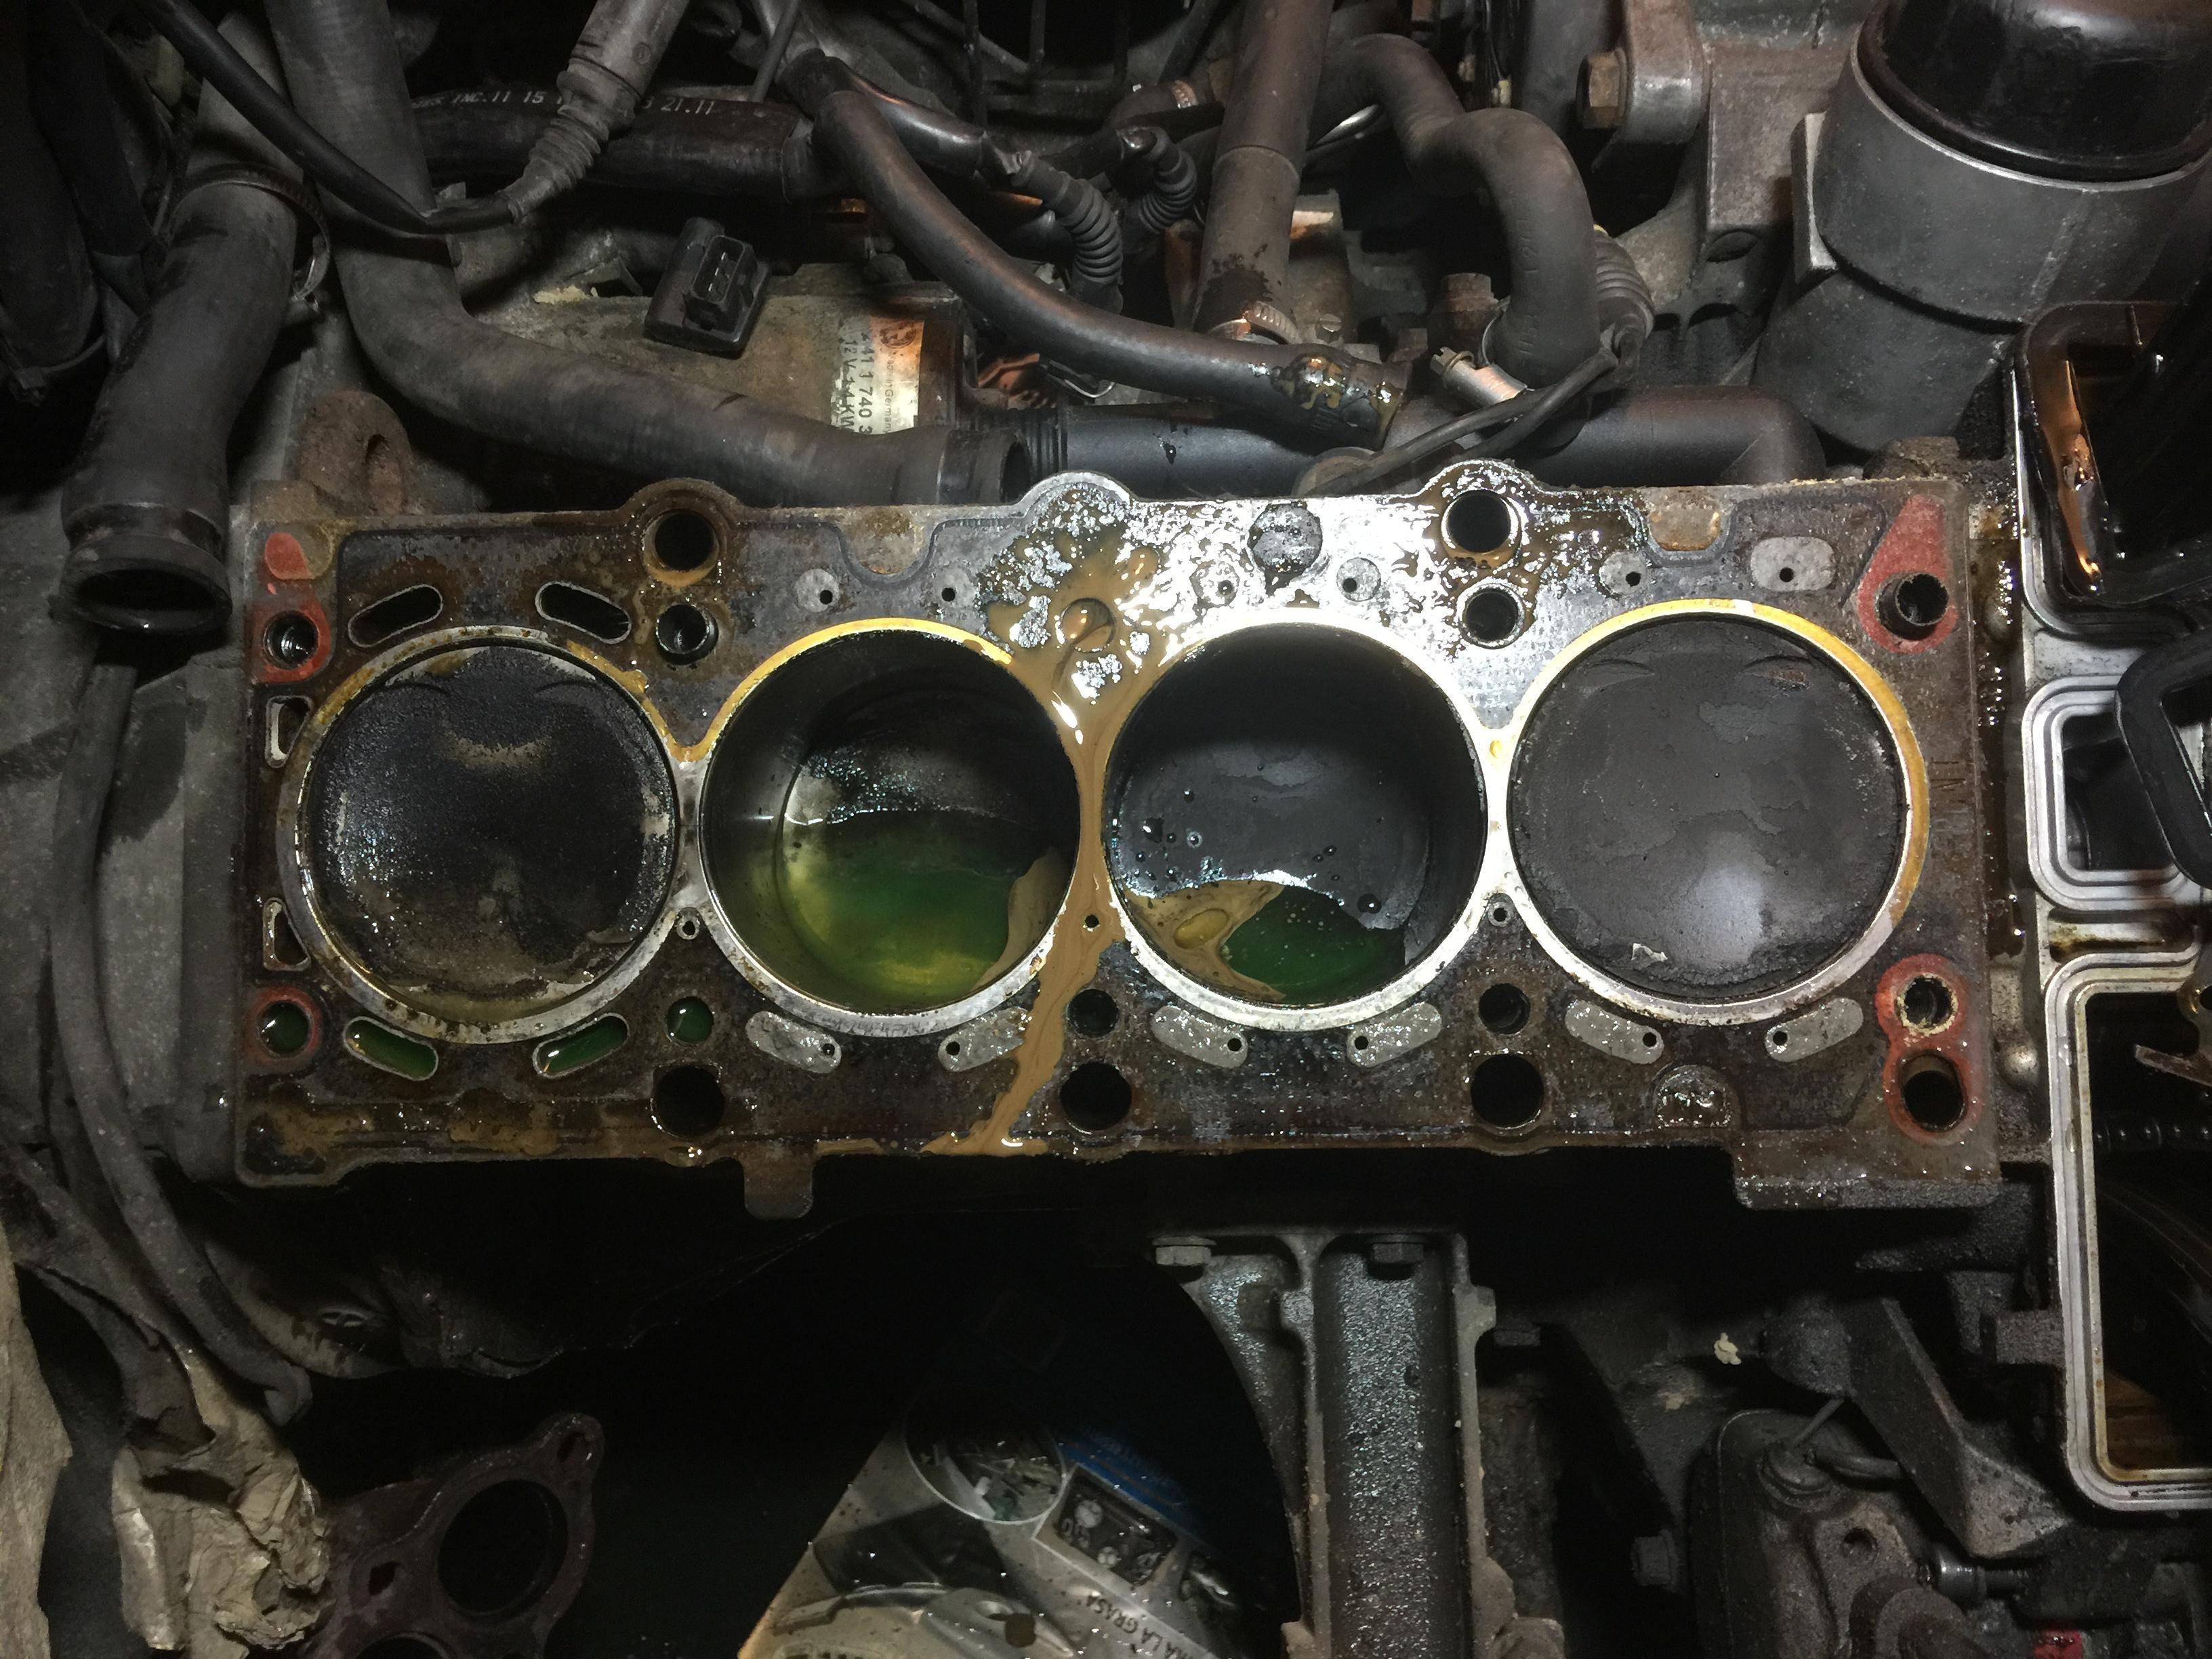 Bmw 318ti Engine Diagram 96 318ti E36 M44 No Spark No Fuel 318ti forum Of Bmw 318ti Engine Diagram